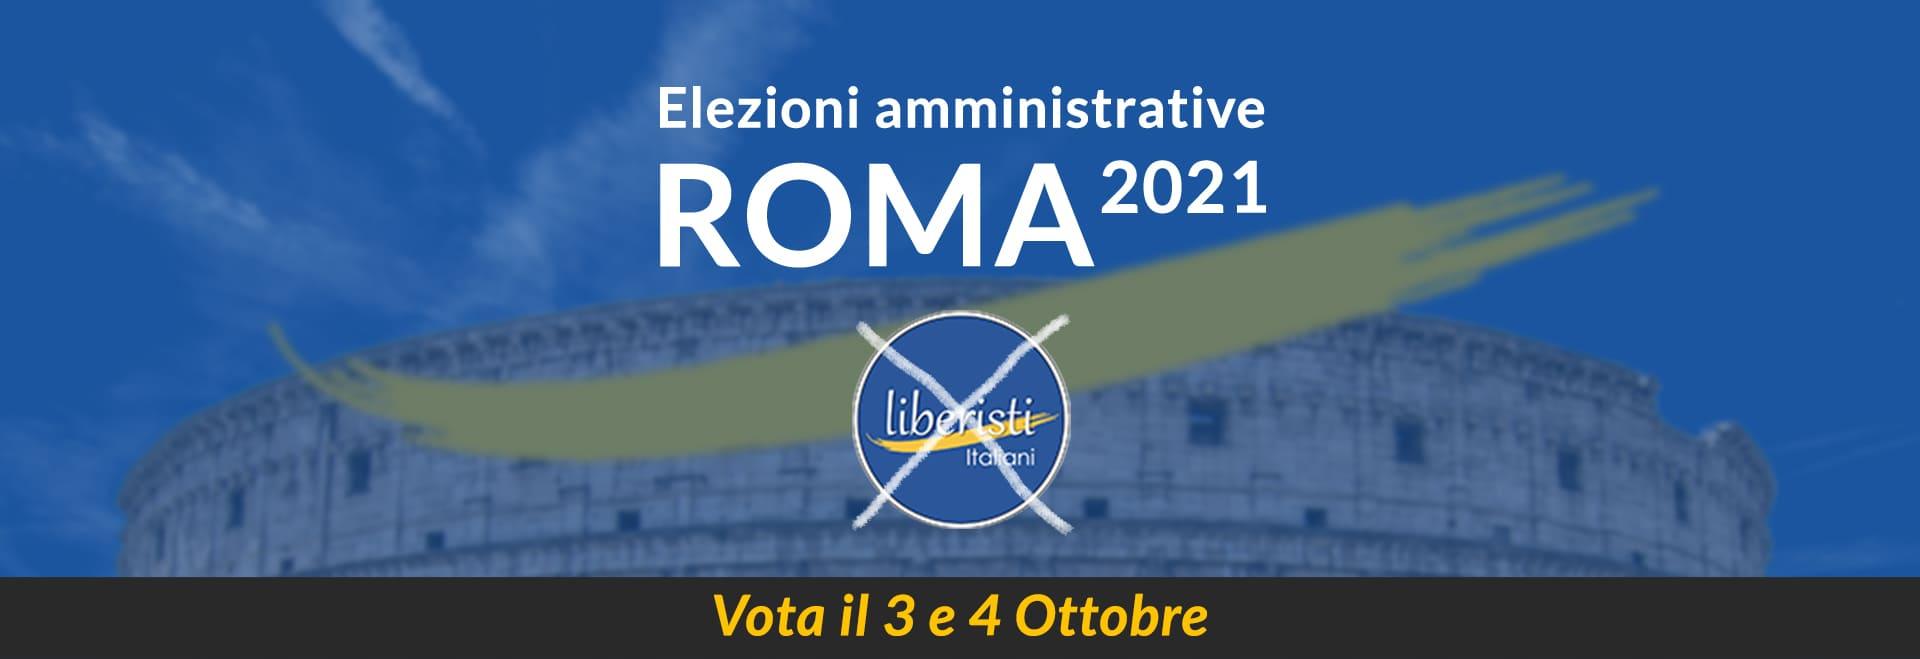 Elezioni Amministrative Roma 2021